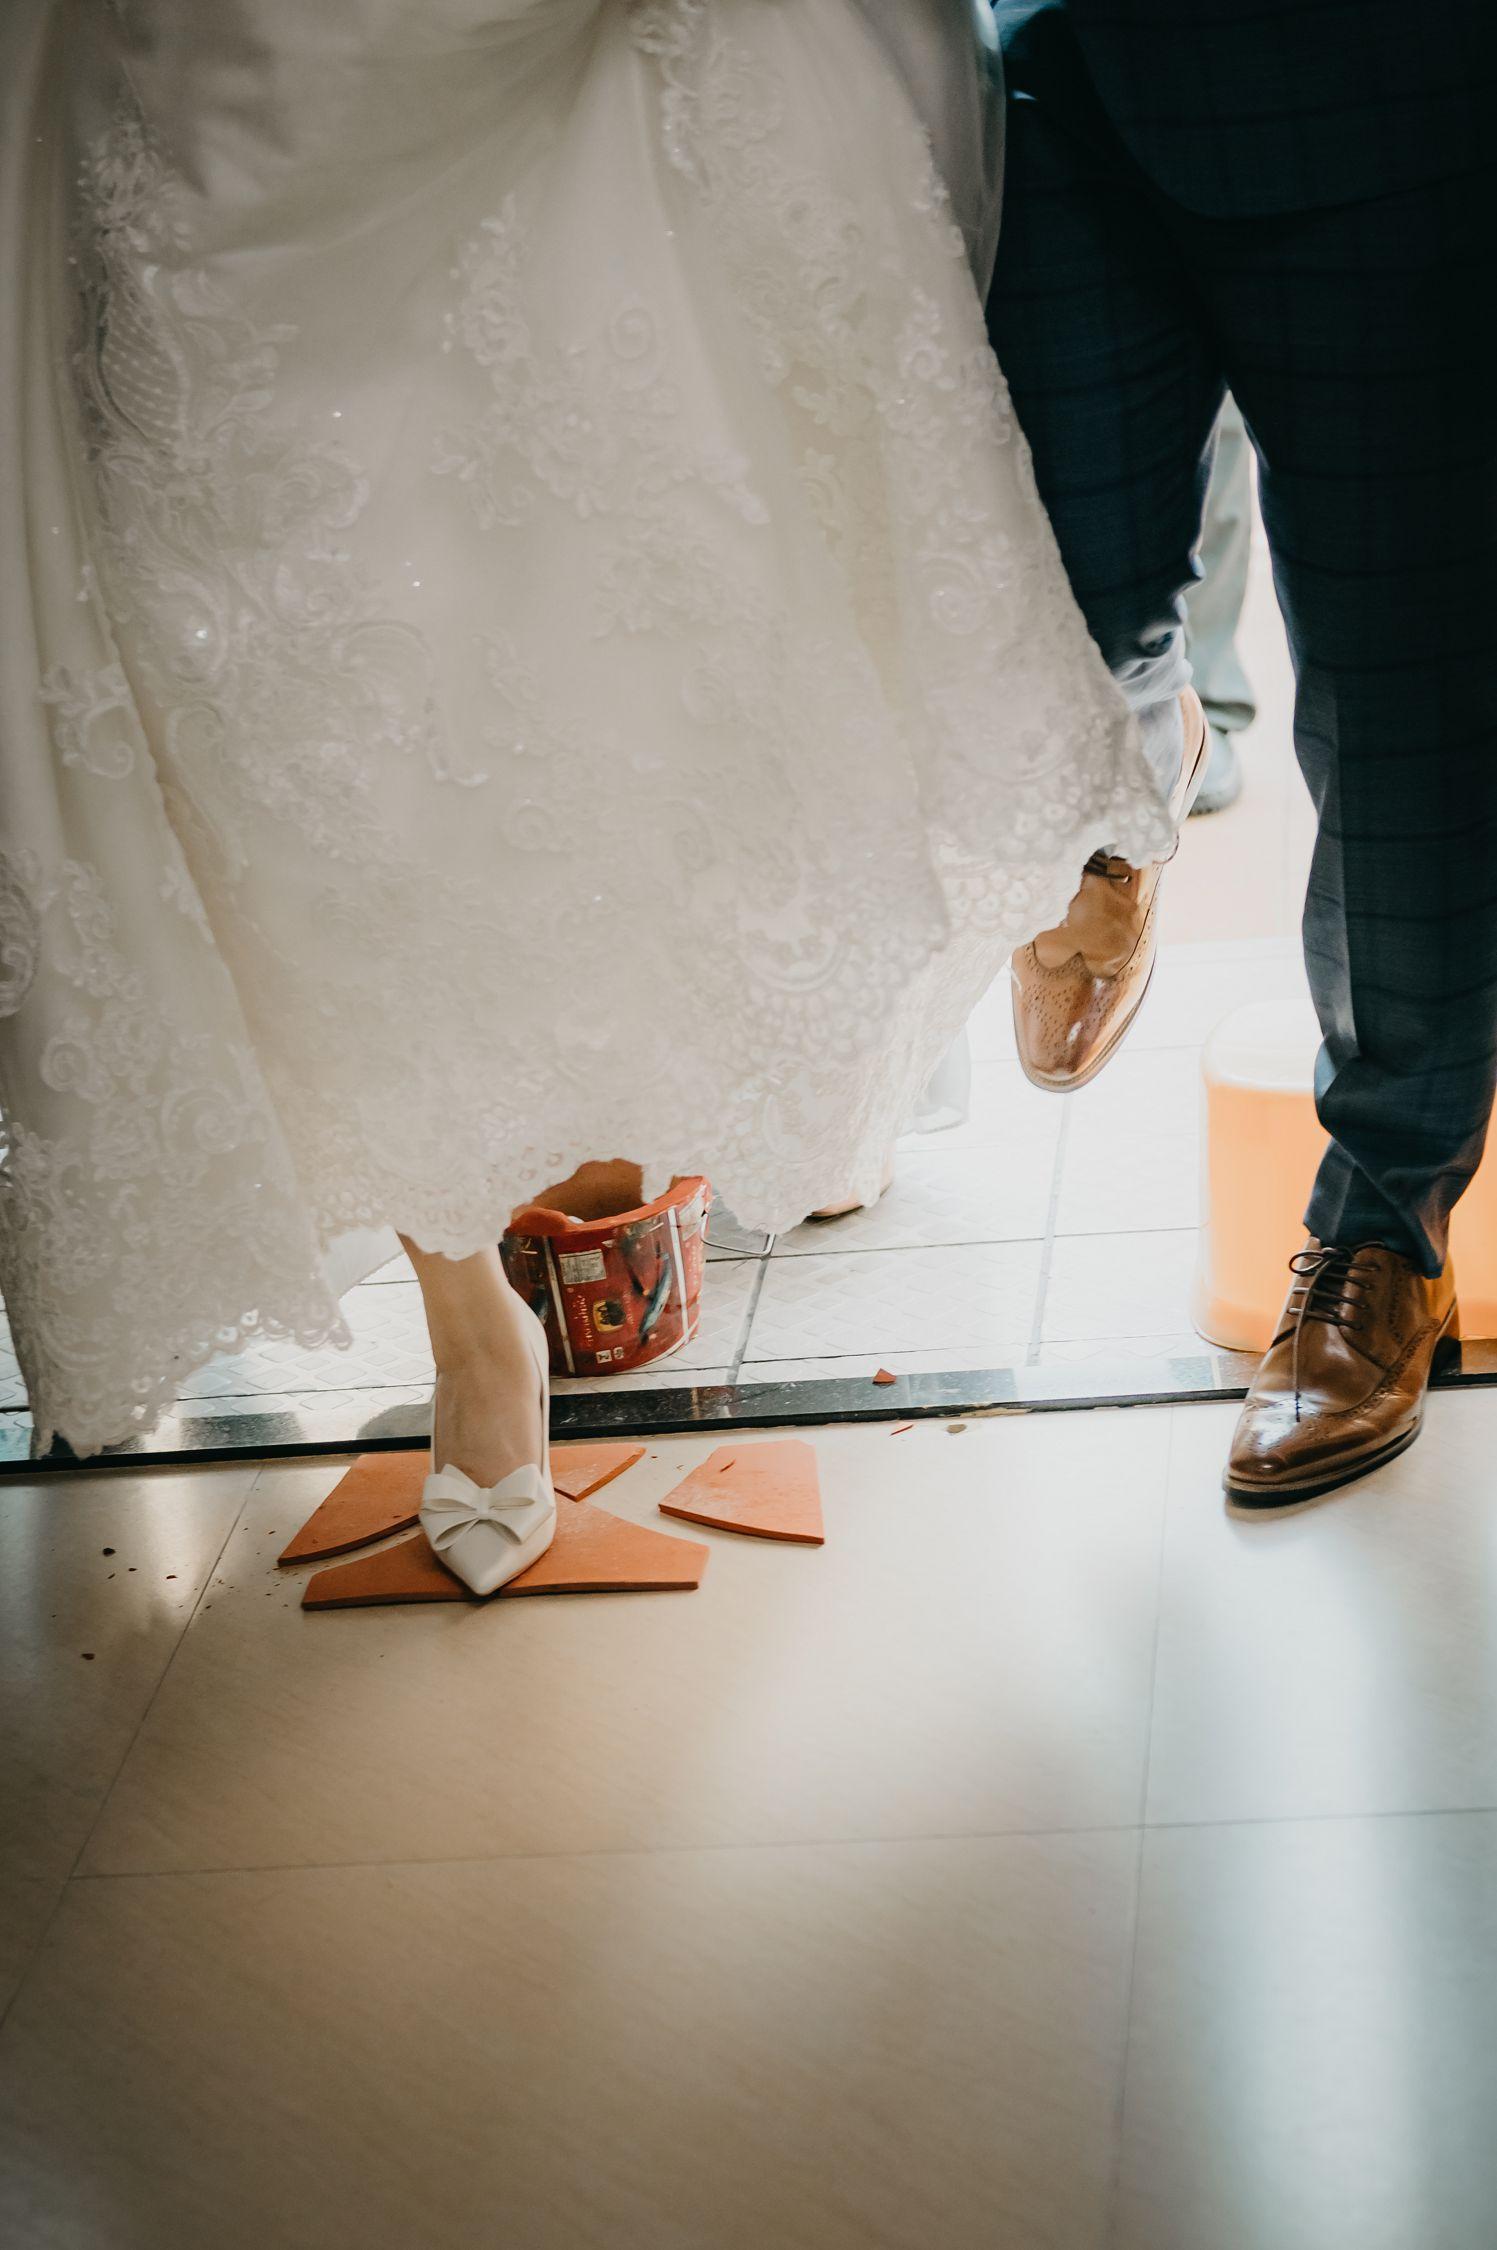 婚禮,婚攝,婚禮紀錄,攝影師,婚戒,造型師,新秘,新娘物語推薦,ptt推薦,台中婚攝,台中僑園,雙機攝影,儀式,闖關,結婚,訂婚,